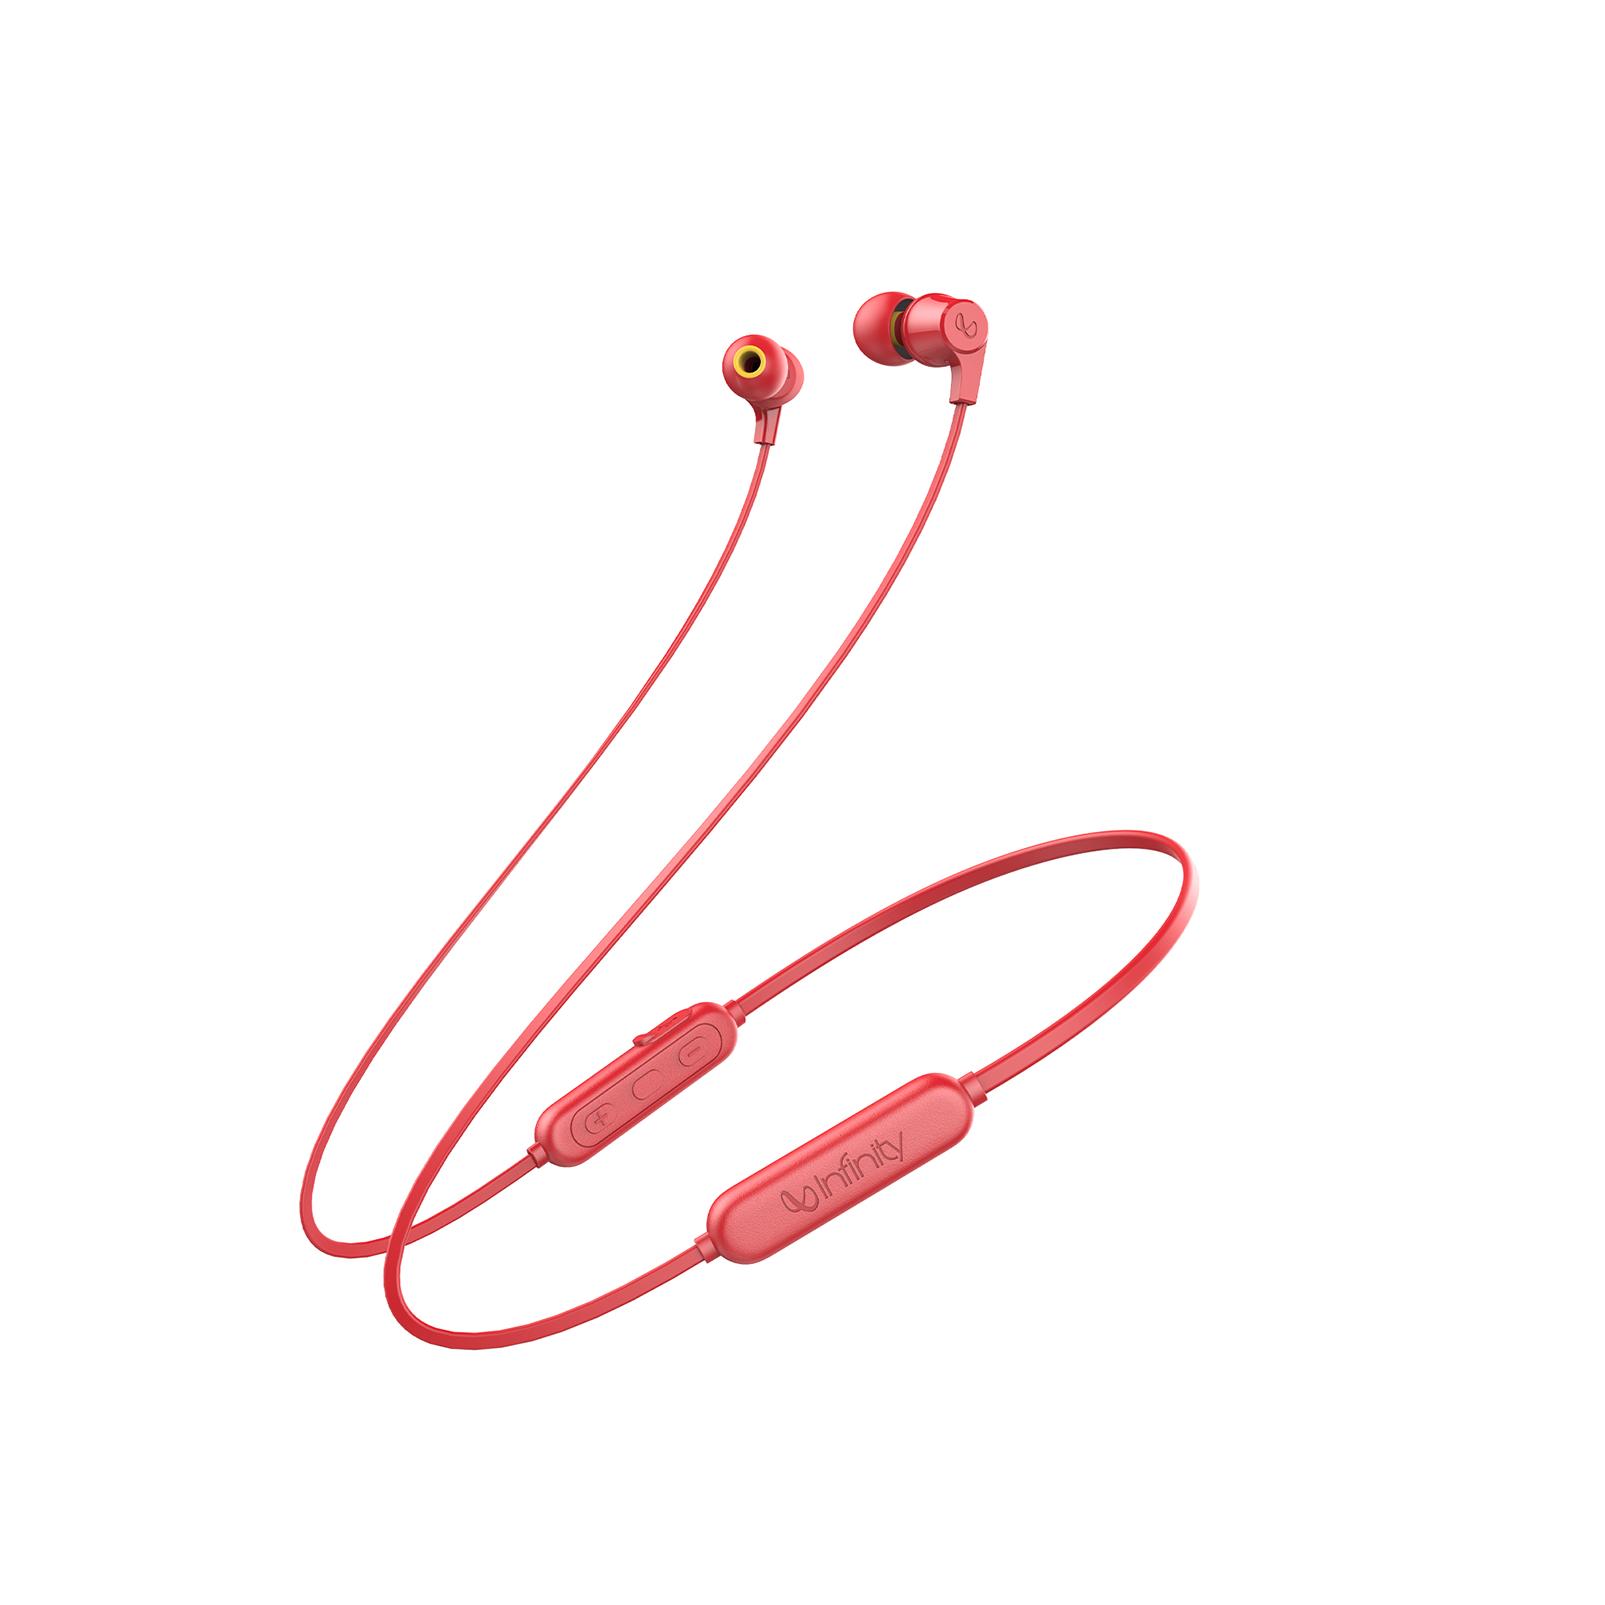 INFINITY GLIDE 100 - Red - In-Ear Wireless Headphones - Hero